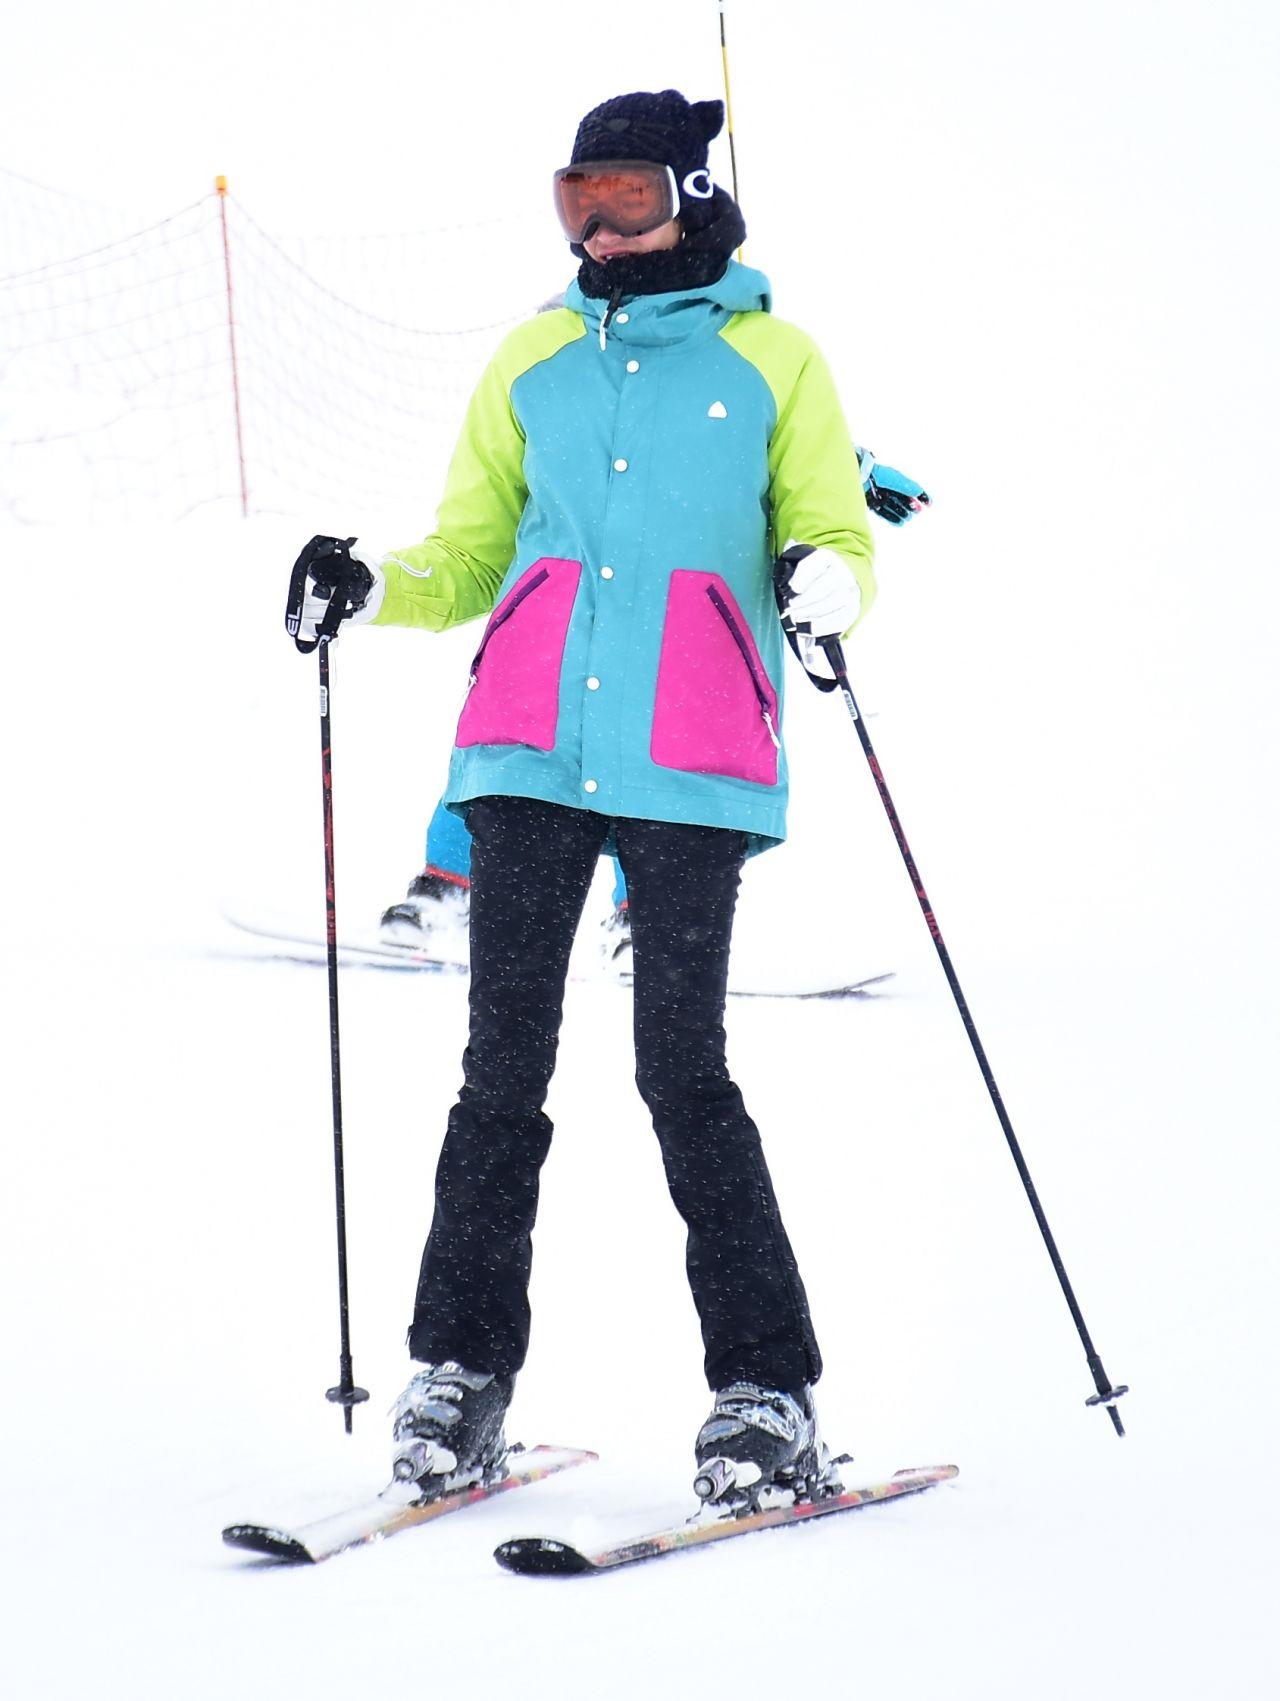 Berrak Tüzünataç ve Berk Suyabatmaz'ın kayak keyfi - Sayfa:4